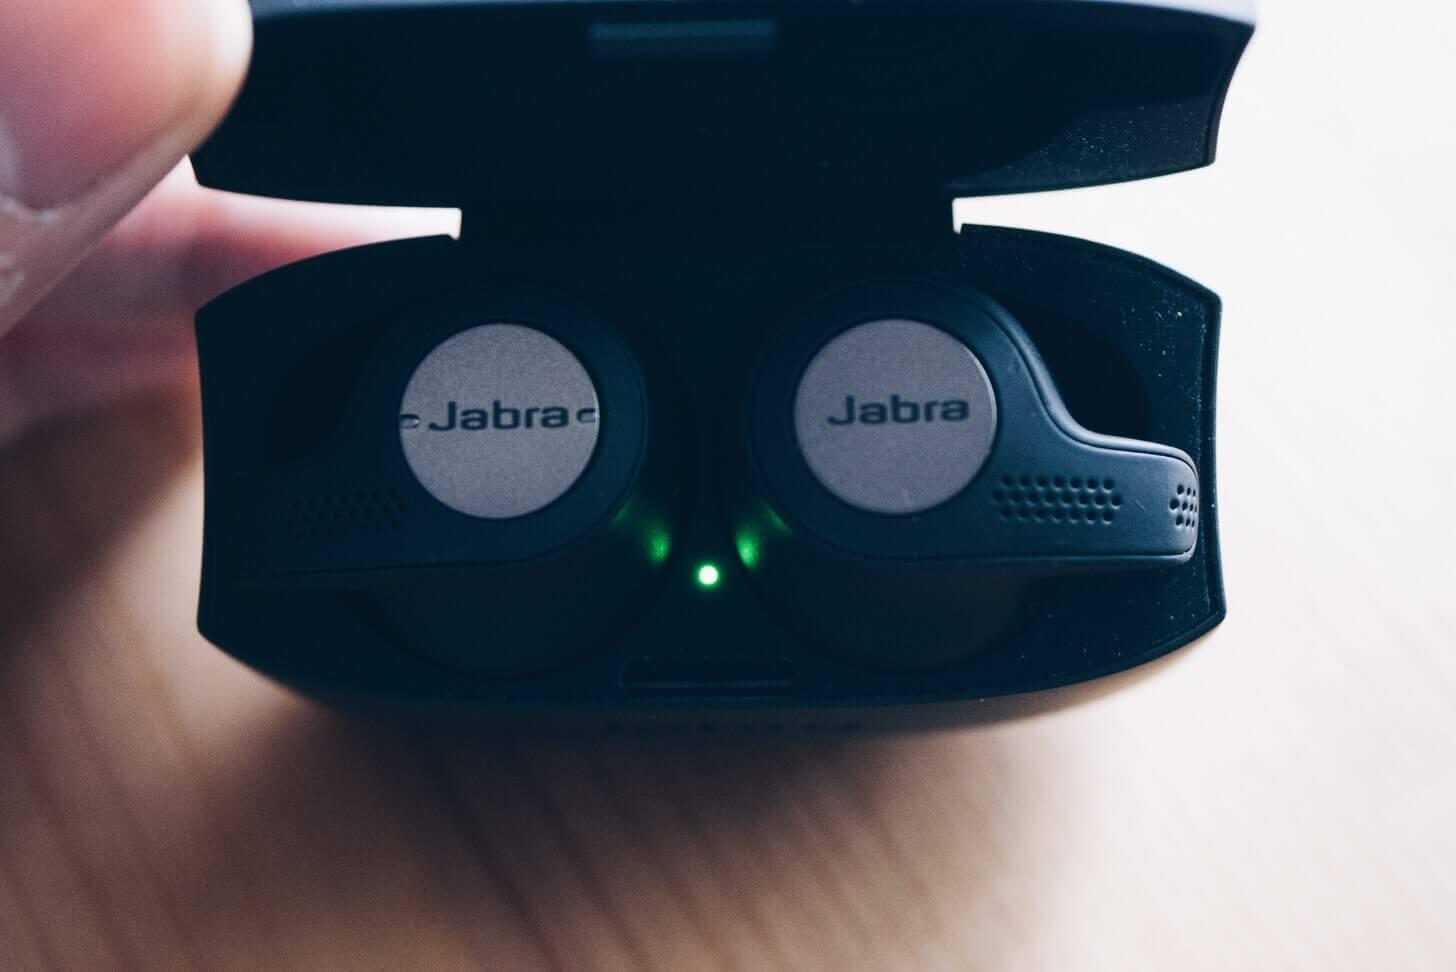 Jabra wireless earphone12